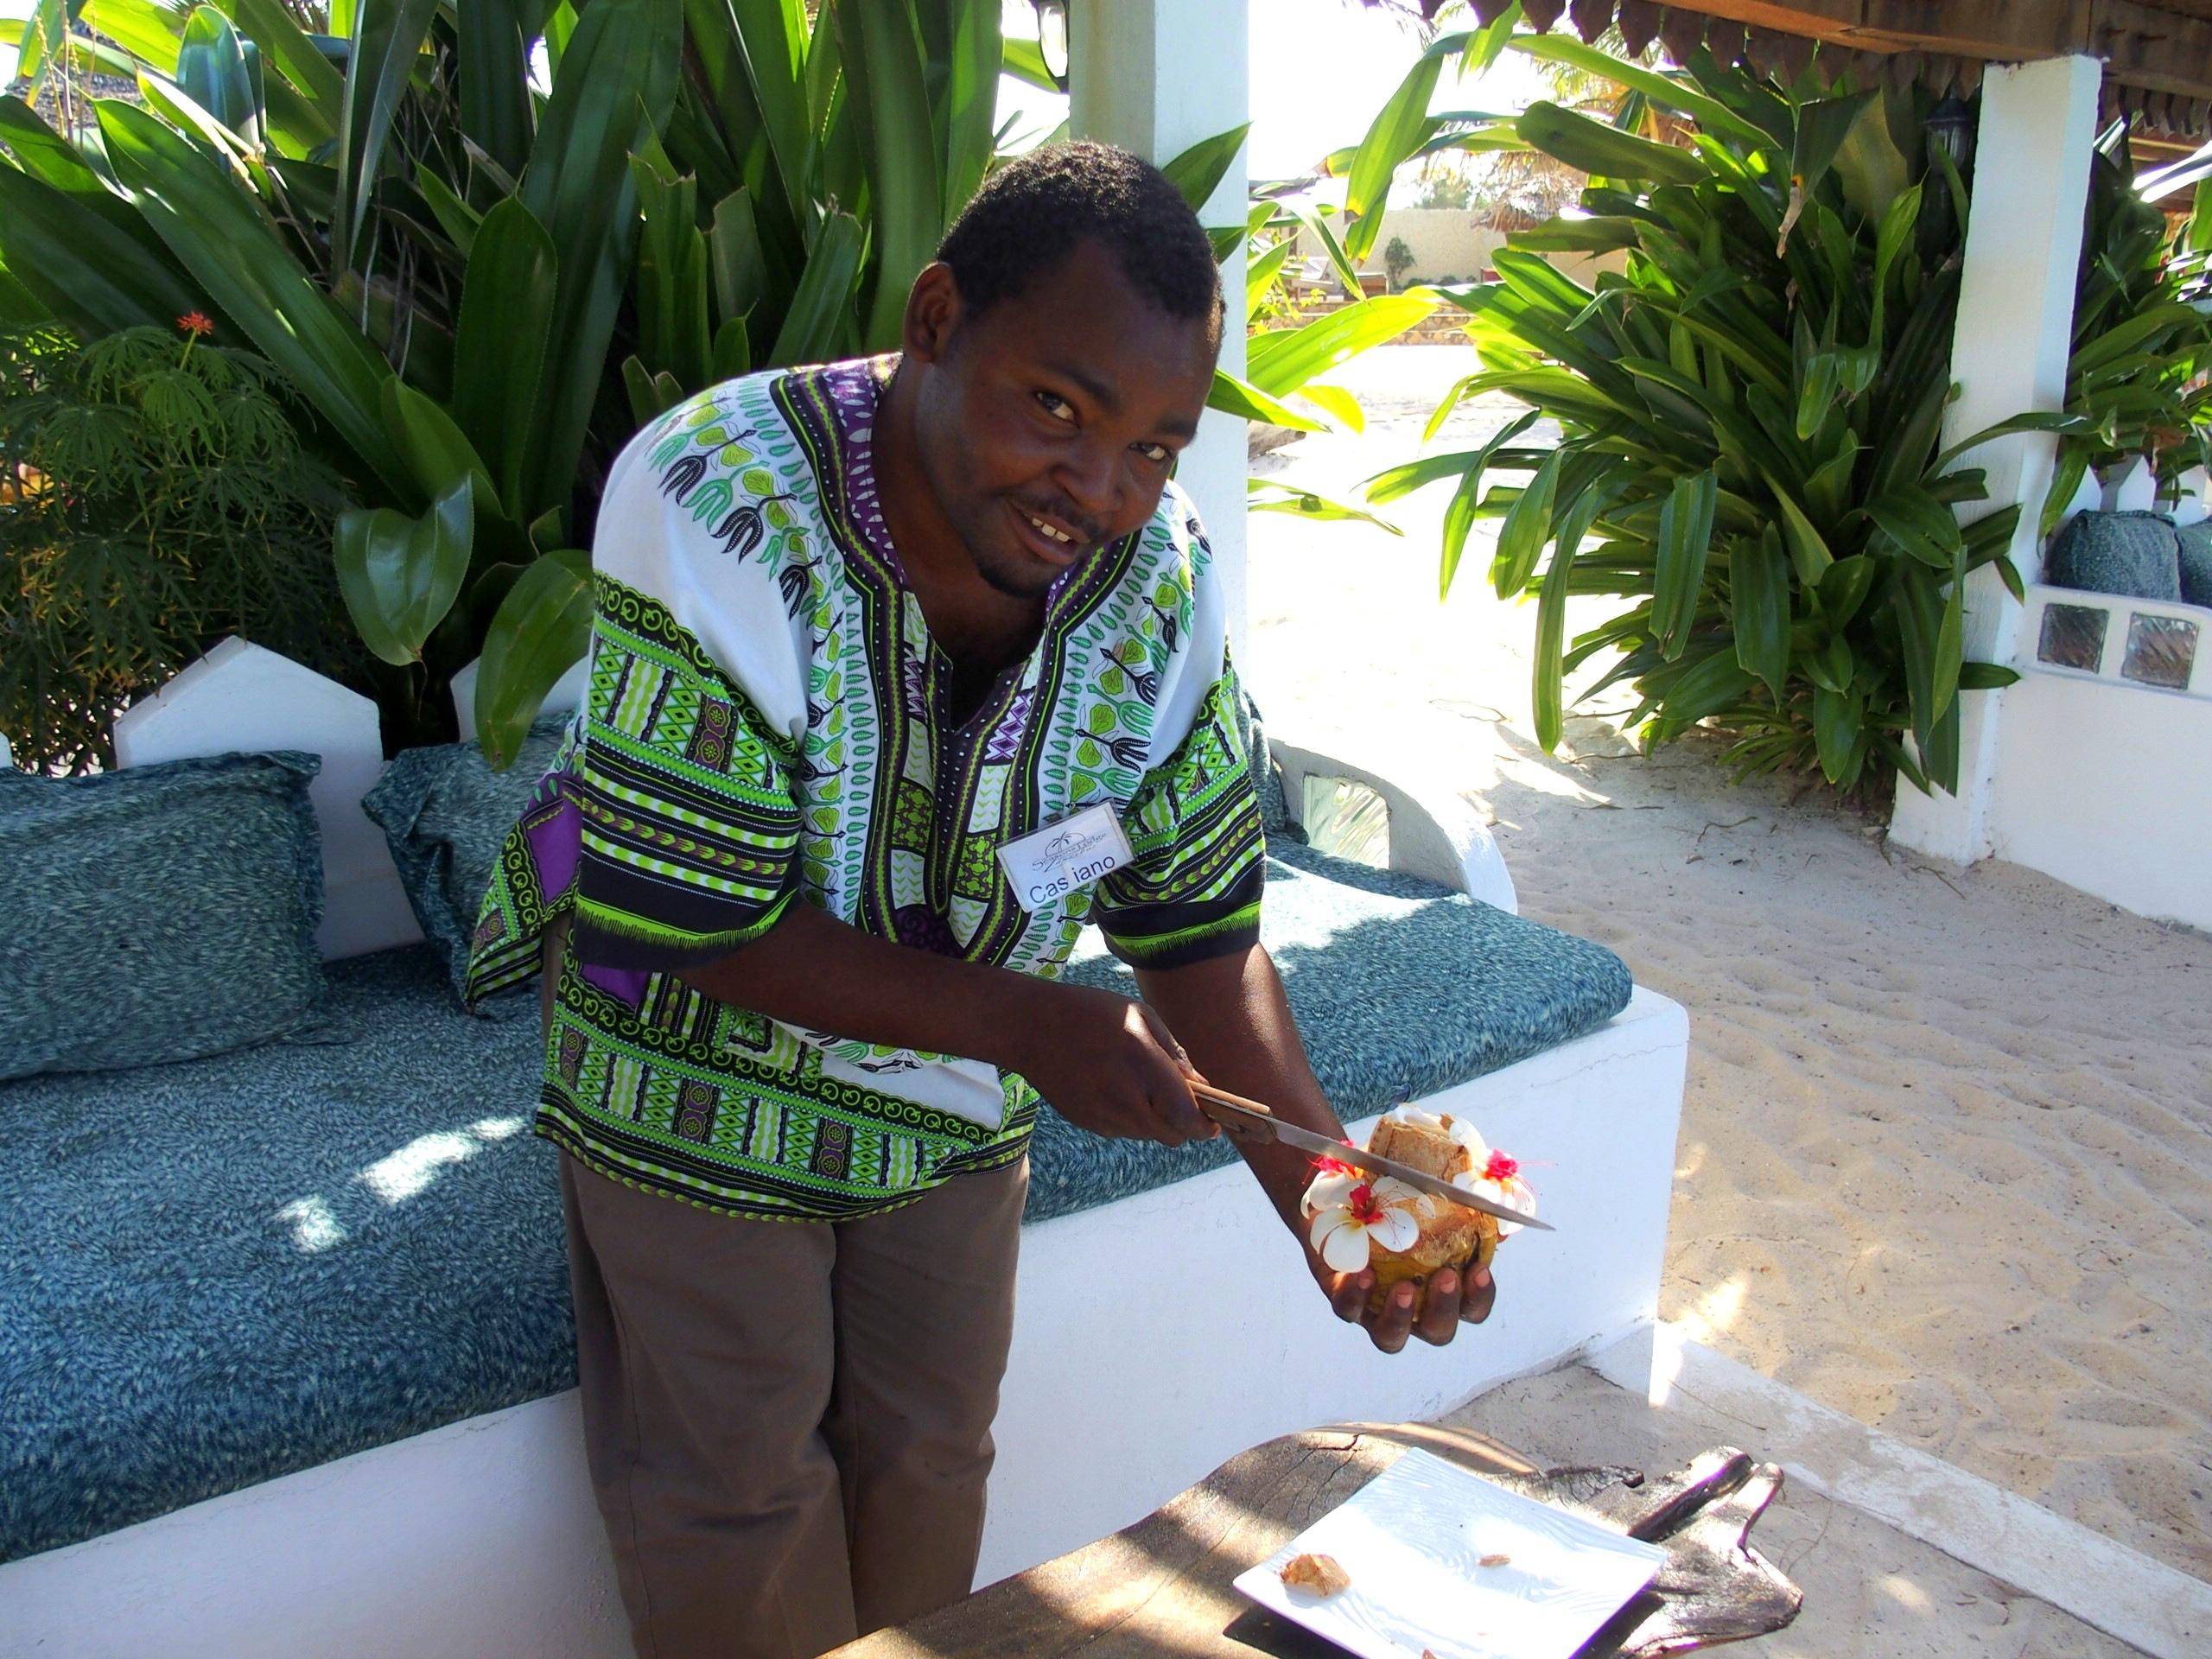 L'heure du cocktail à la noix de coco avec Cassiano Seasons lodge Zanzibar.